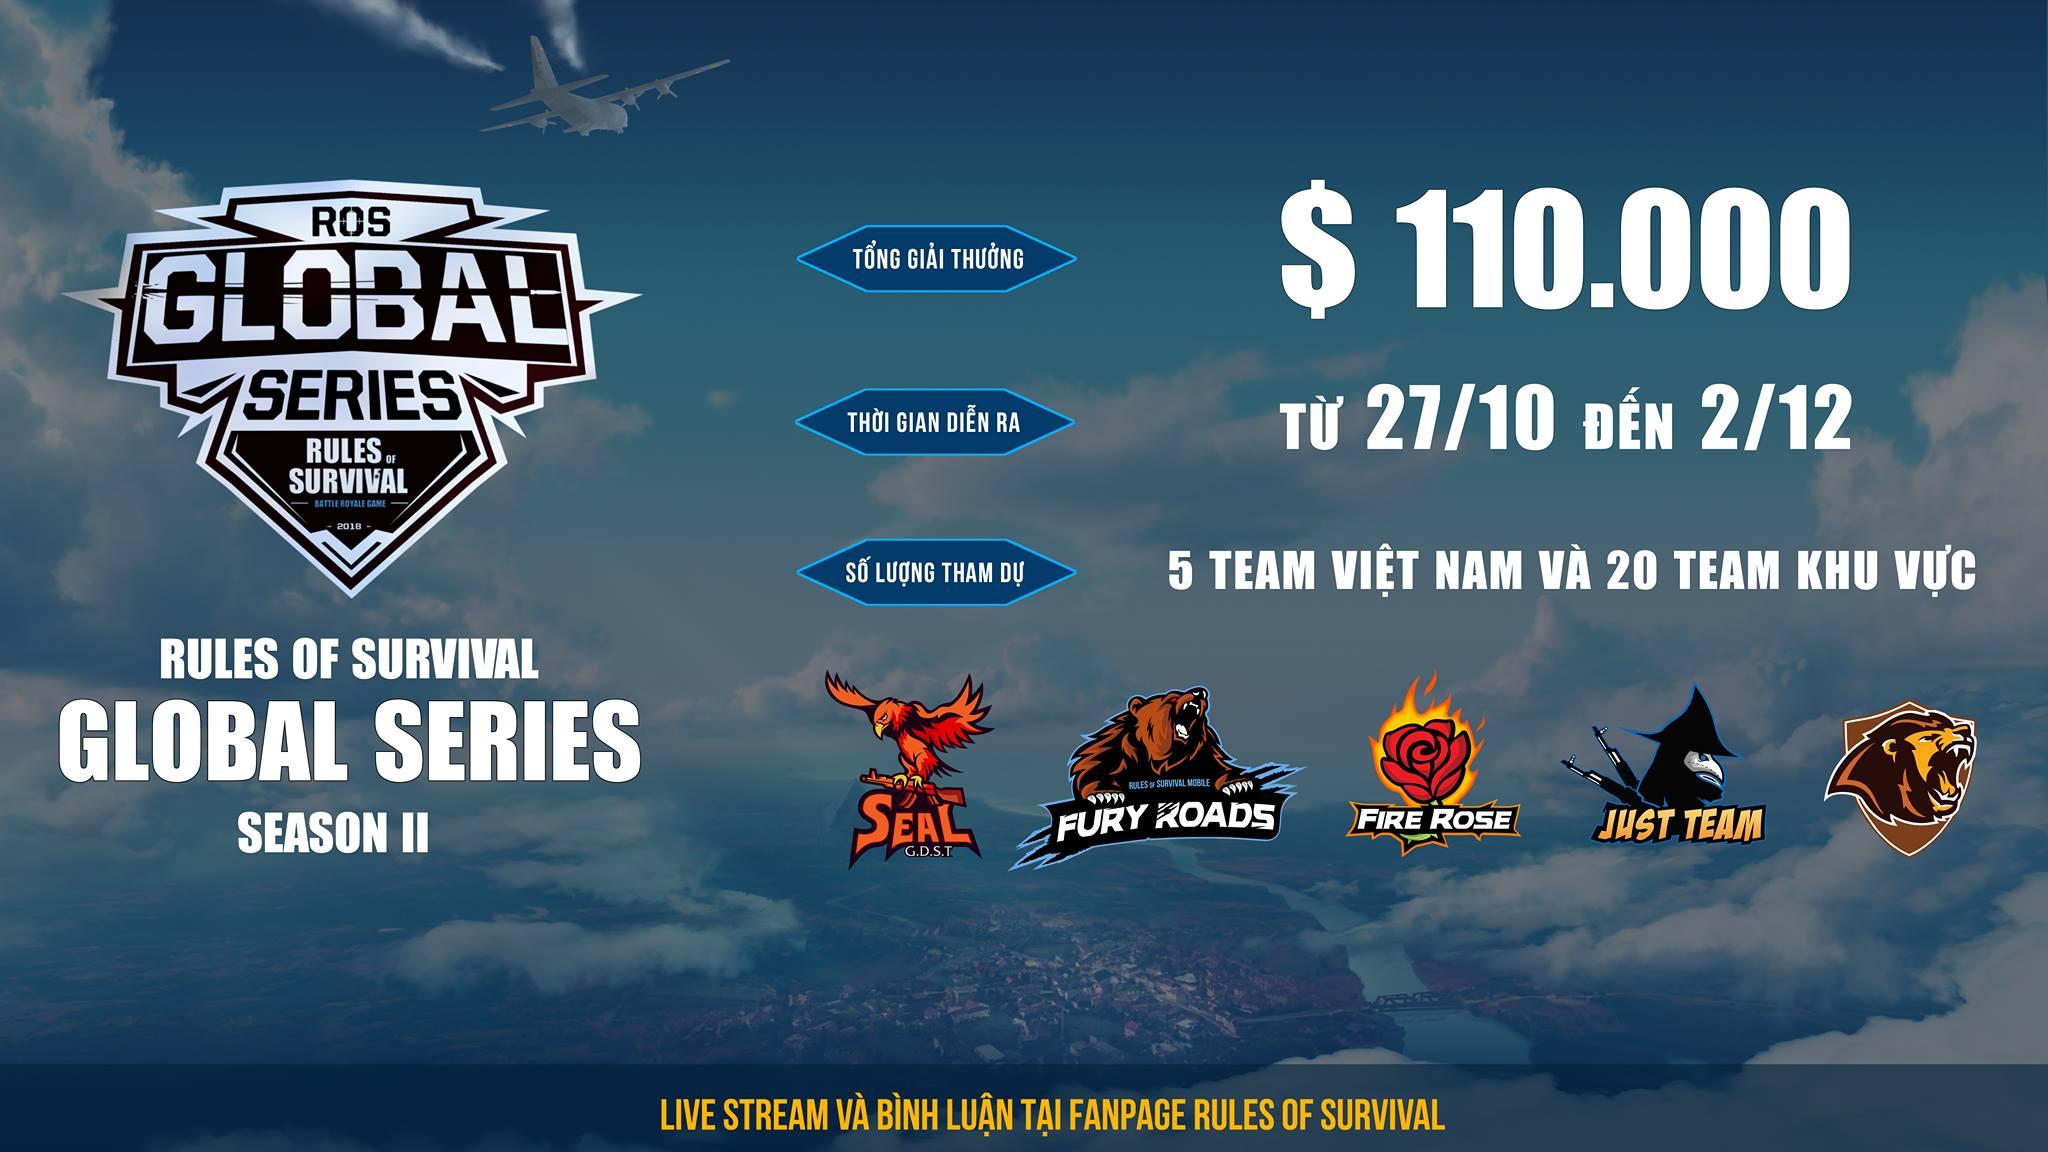 ROS Mobile Global Series Season 2: Cùng tìm hiểu đội hình ra quân của 5 đại diện đến từ Việt Nam